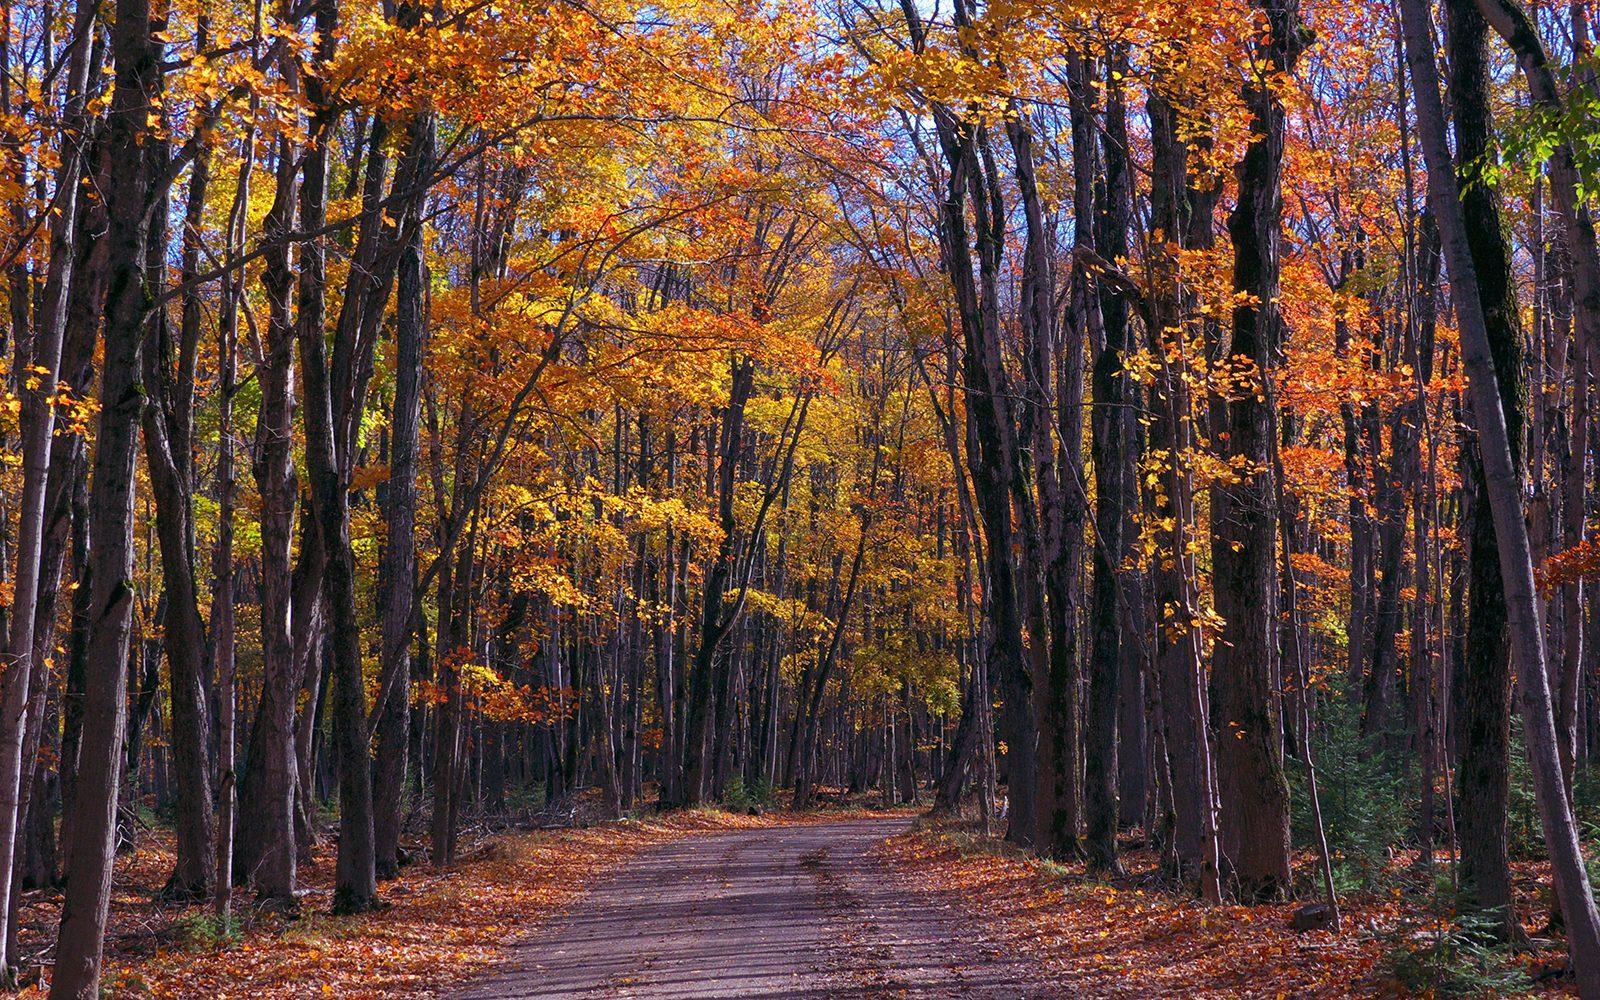 Bois-Blanc-Fall-leaves-1600x1000